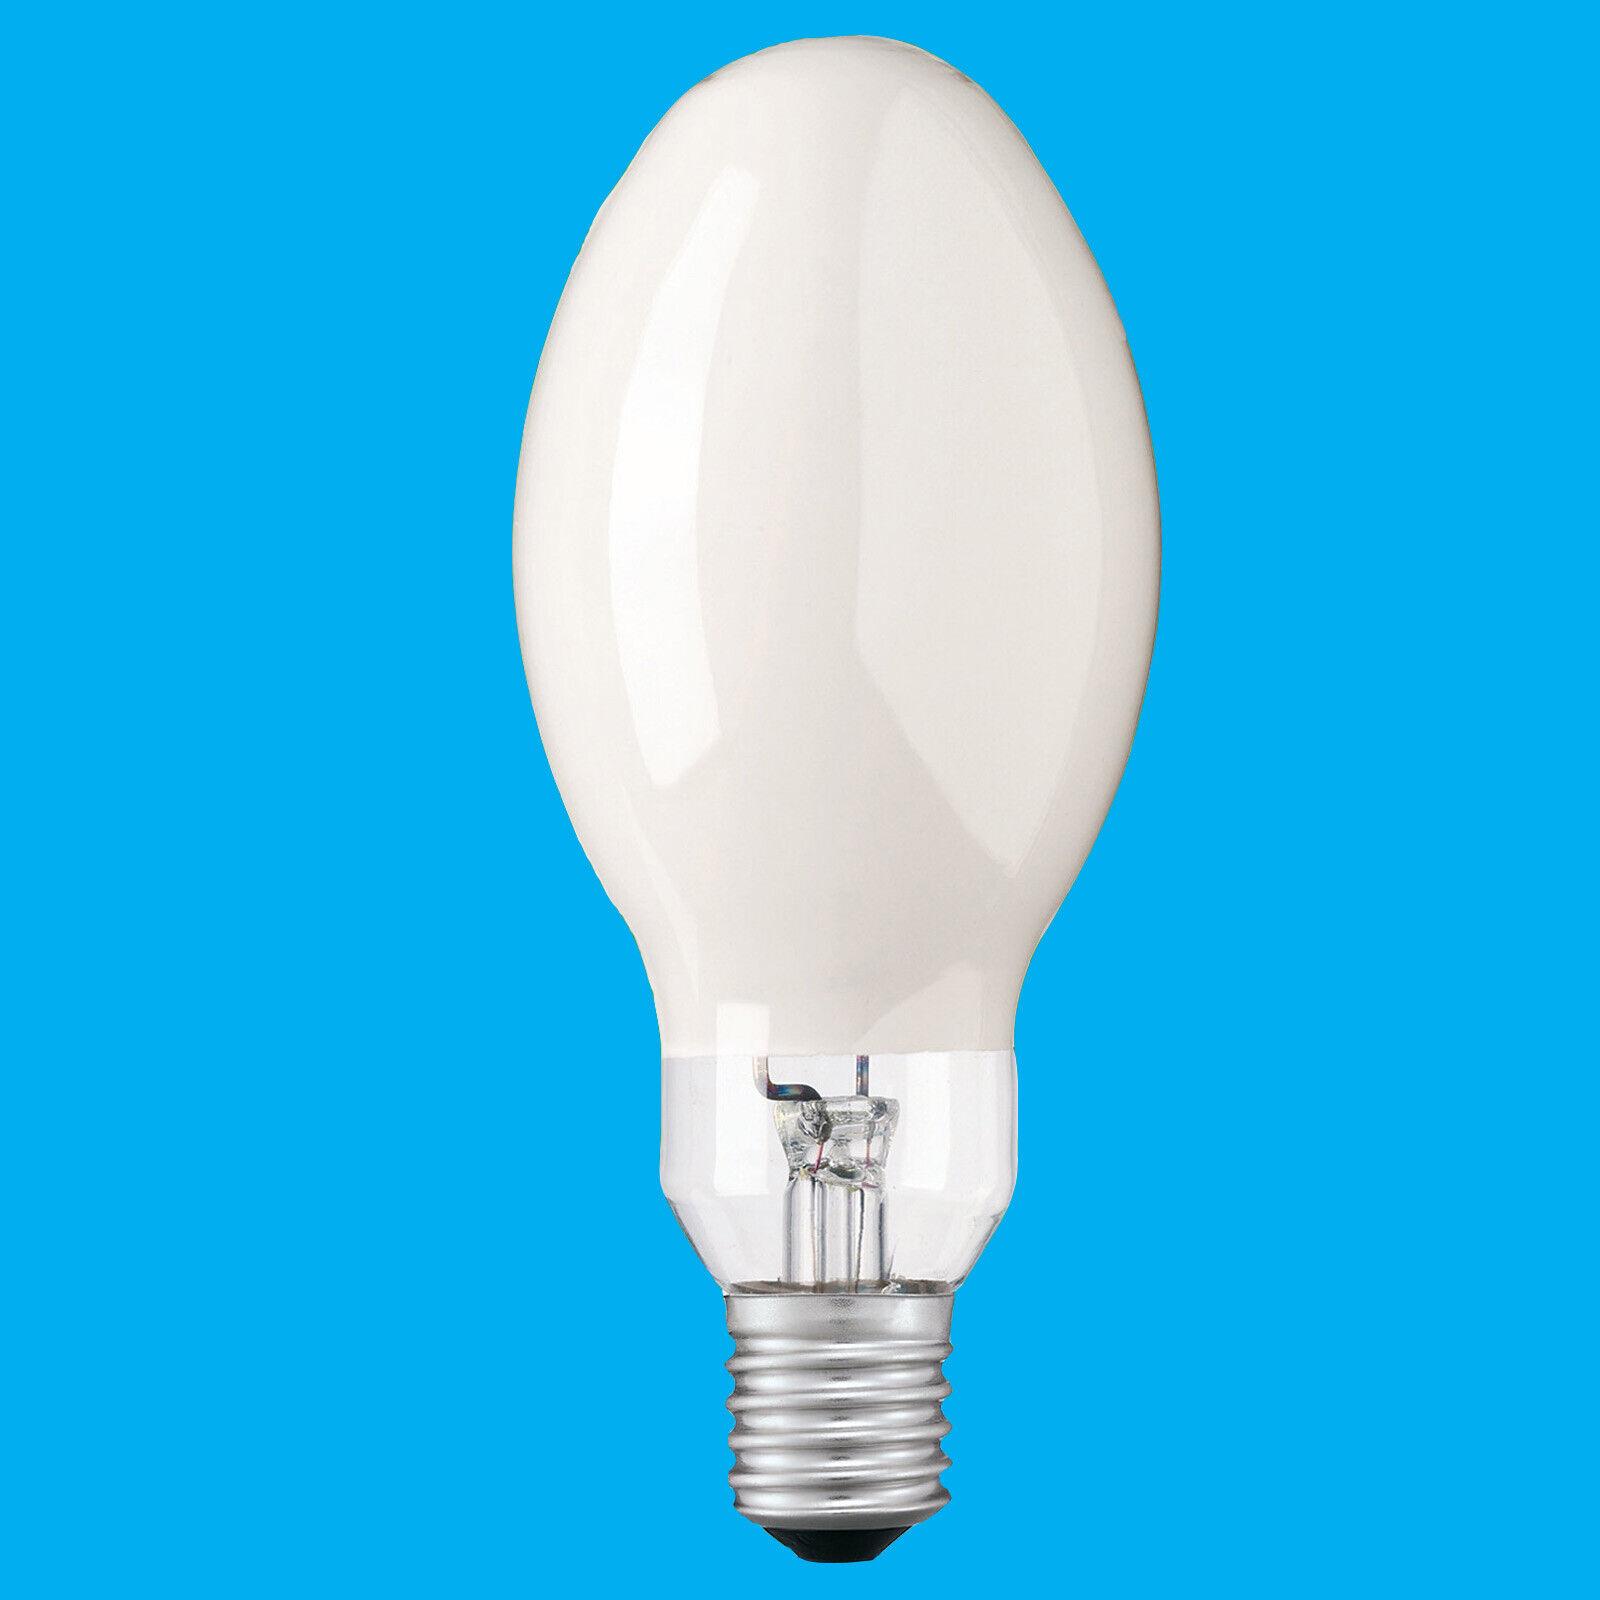 6x 400W Pearl HPM Mercury Vapour Lamp Light Bulb GES E40 Goliath Edison Screw